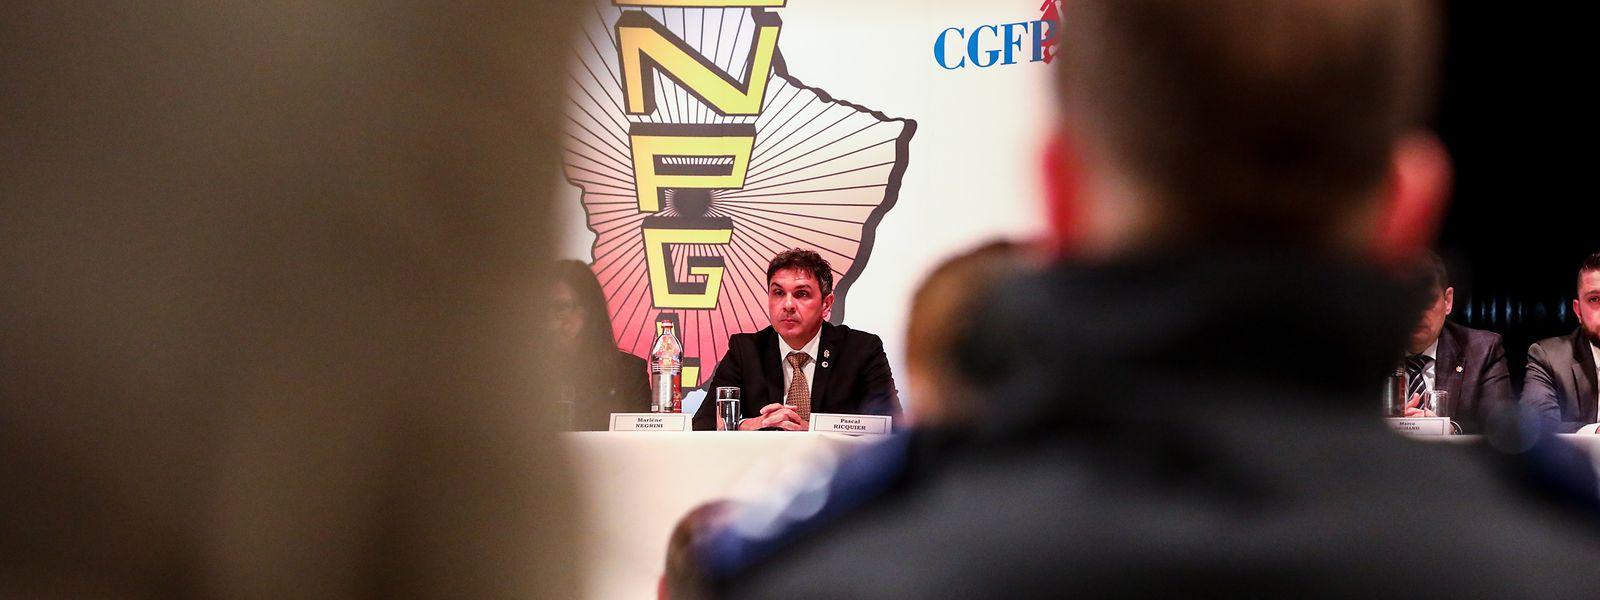 In seiner eine Stunde und 44 Minuten dauernden Rede während der SNPGL-Generalversammlung hat sich Gewerkschaftspräsident Pascal Ricquier seinem Ressortminister zufolge im Ton vergriffen.